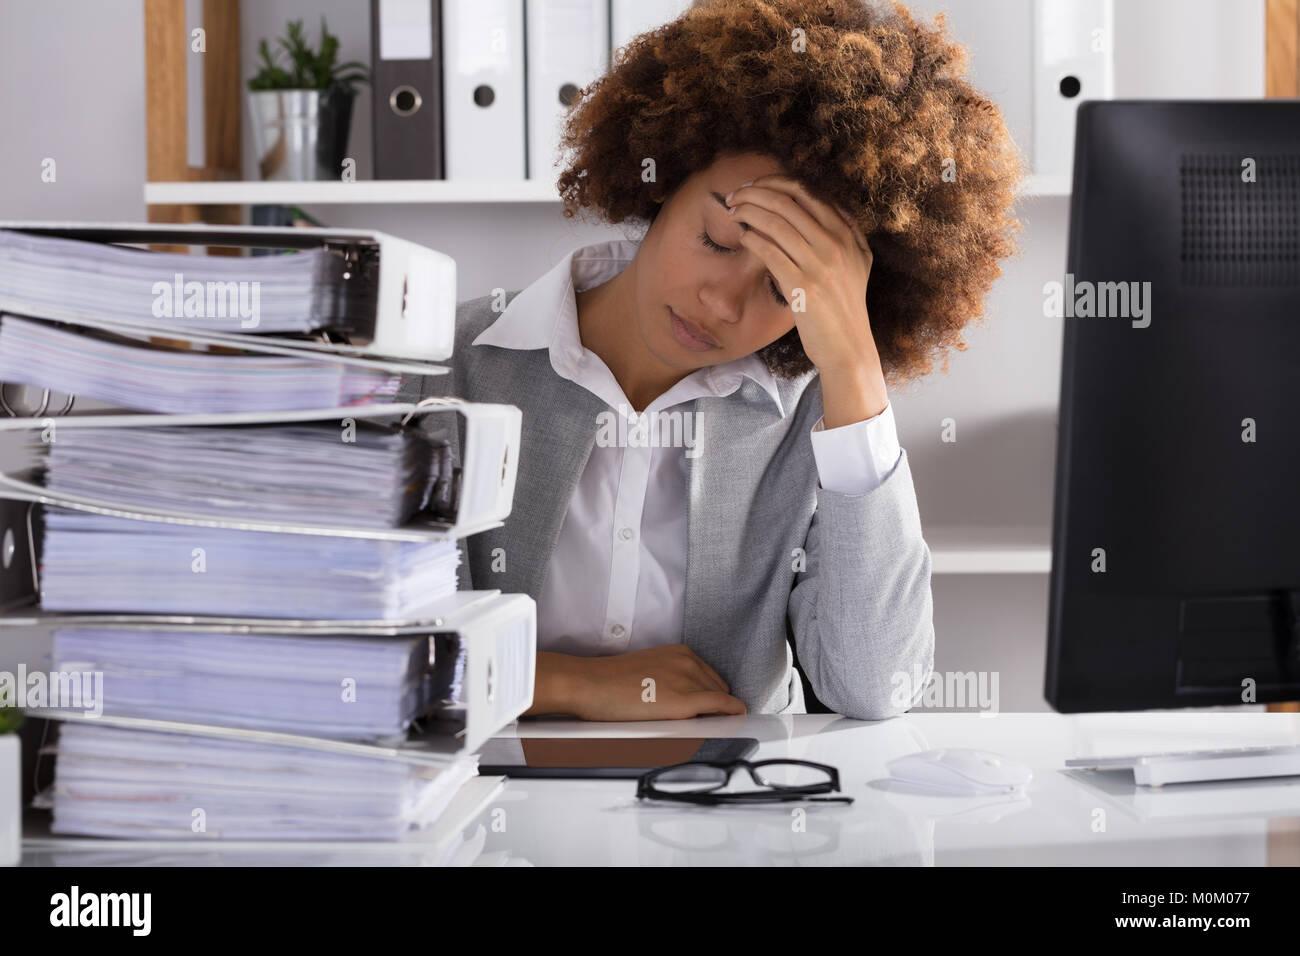 Stressante Afro American imprenditrice seduta in ufficio con impilati di file Immagini Stock